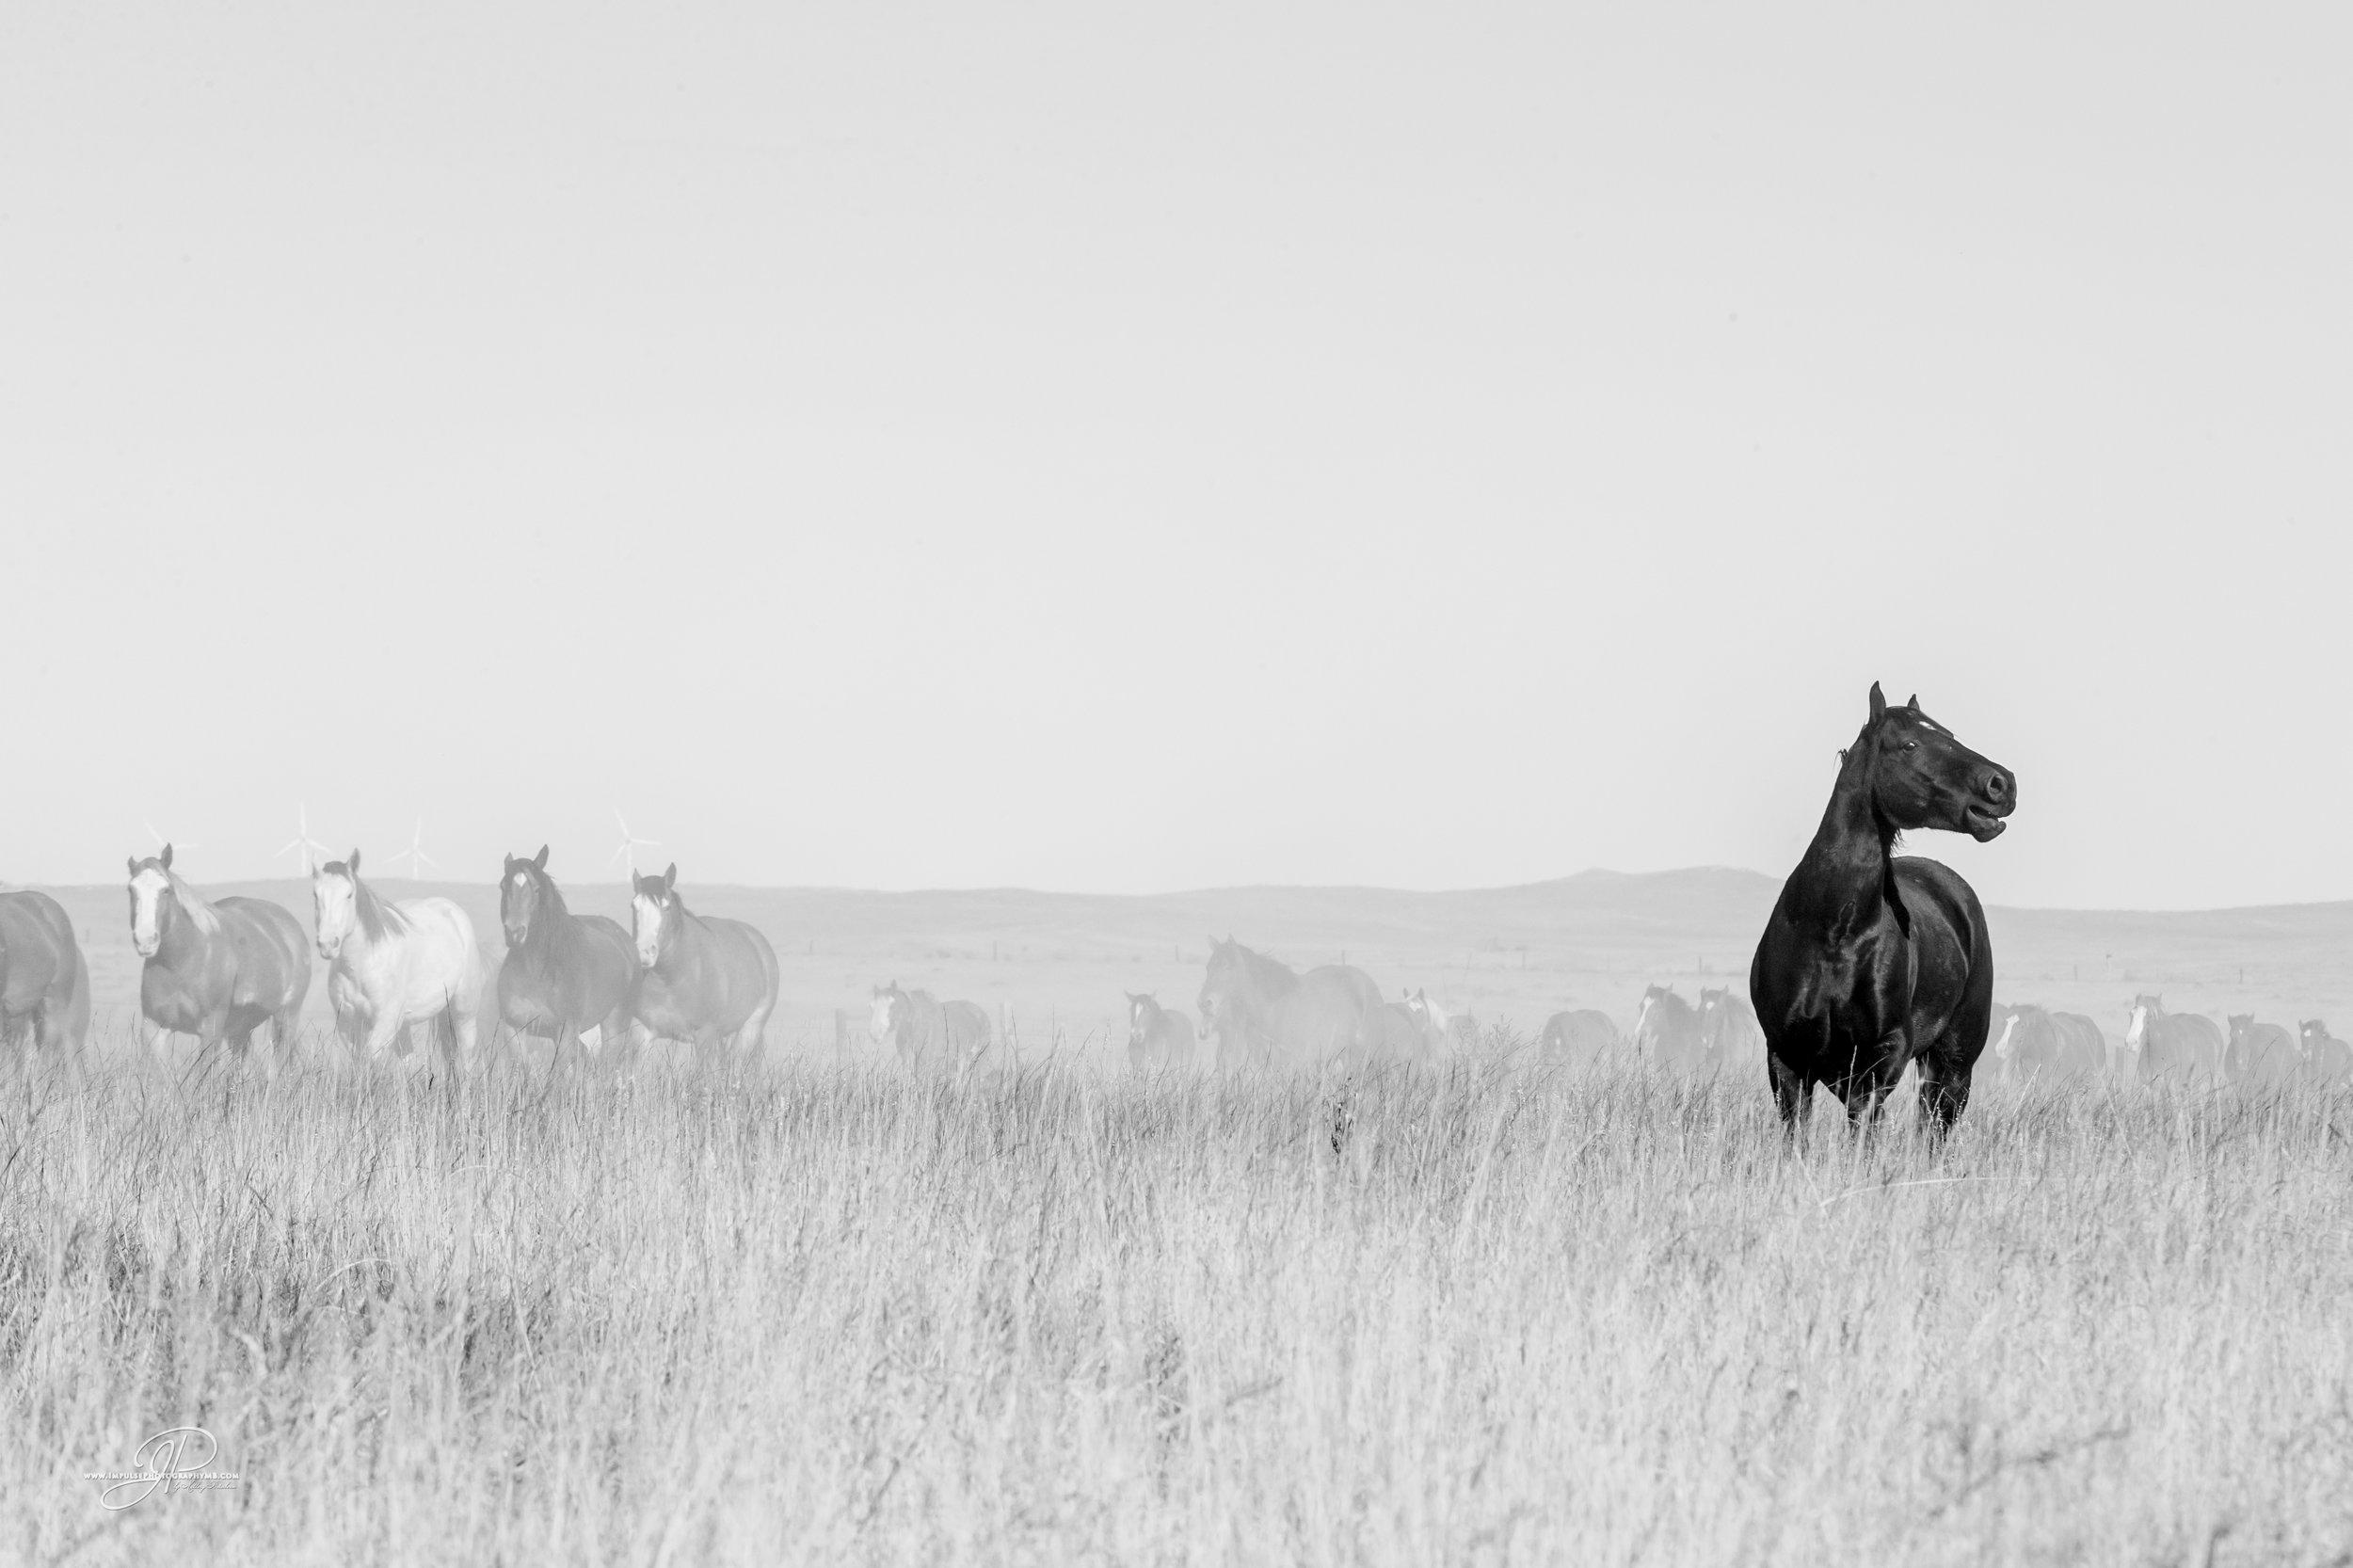 cervi nfr horses 2014-7812-2.jpg